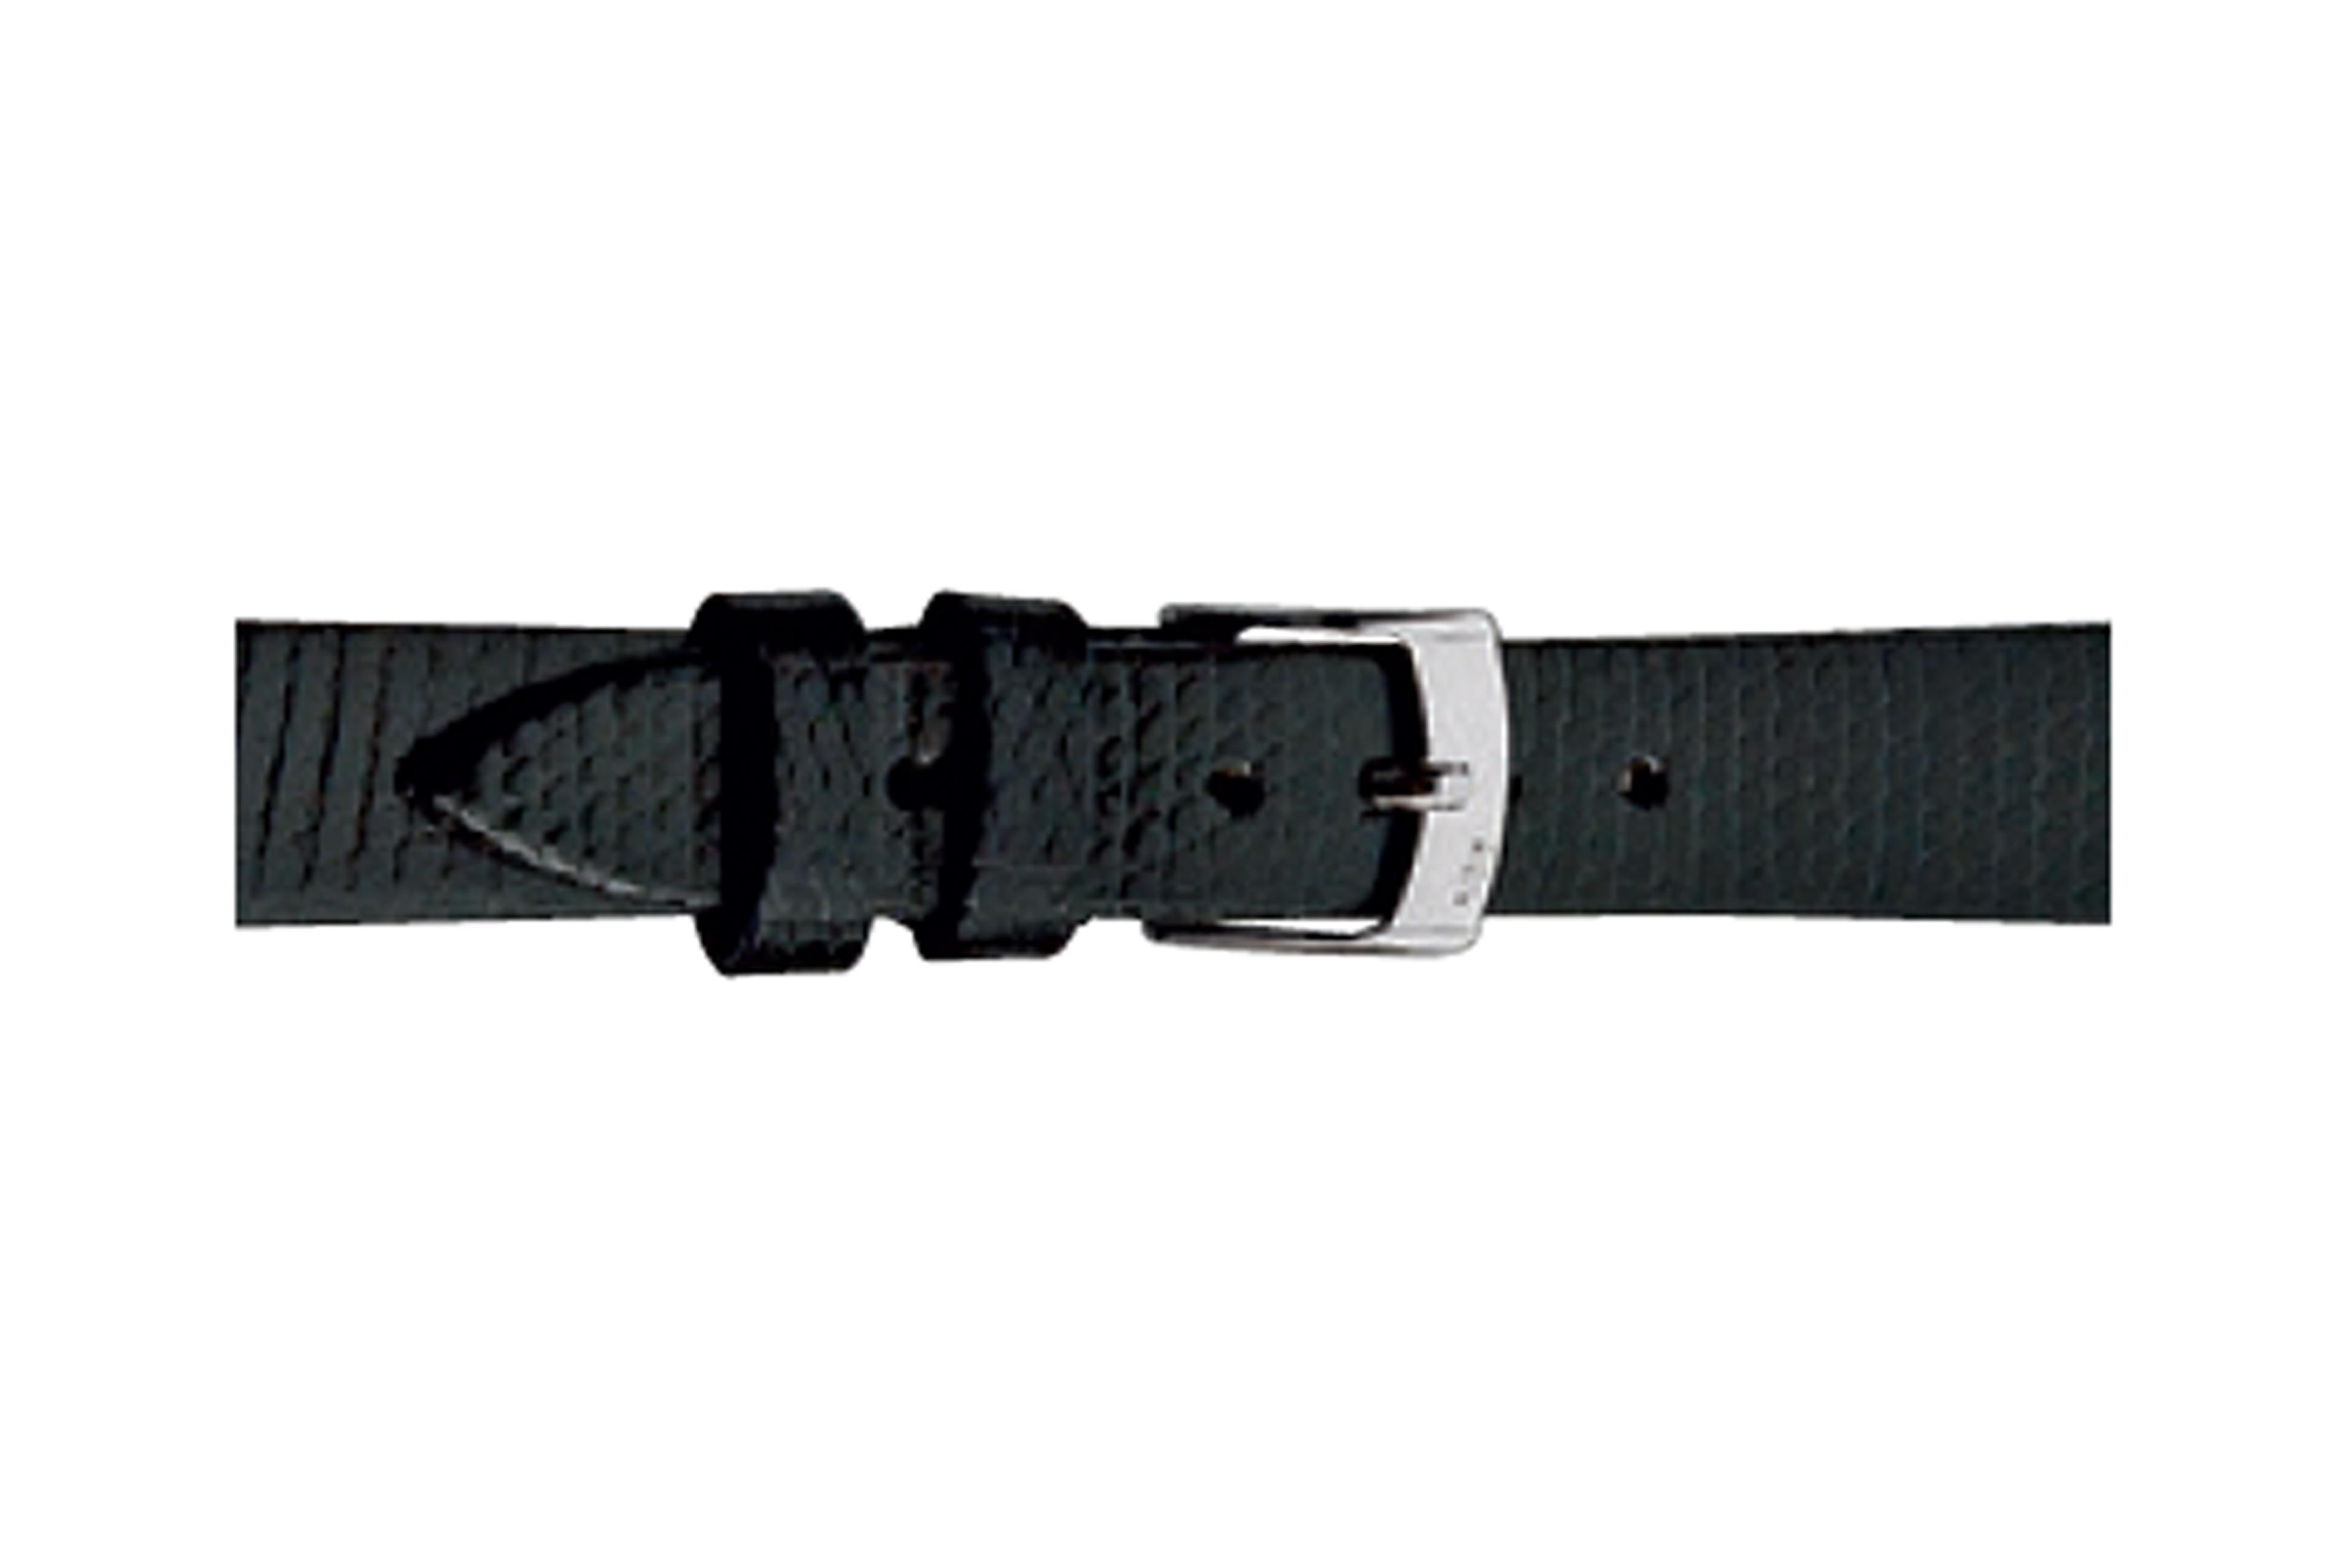 Morellato horlogeband Livorno D0116372019CR08 / PMD019LIVORL08 Hagedissenleer Zwart 8mm